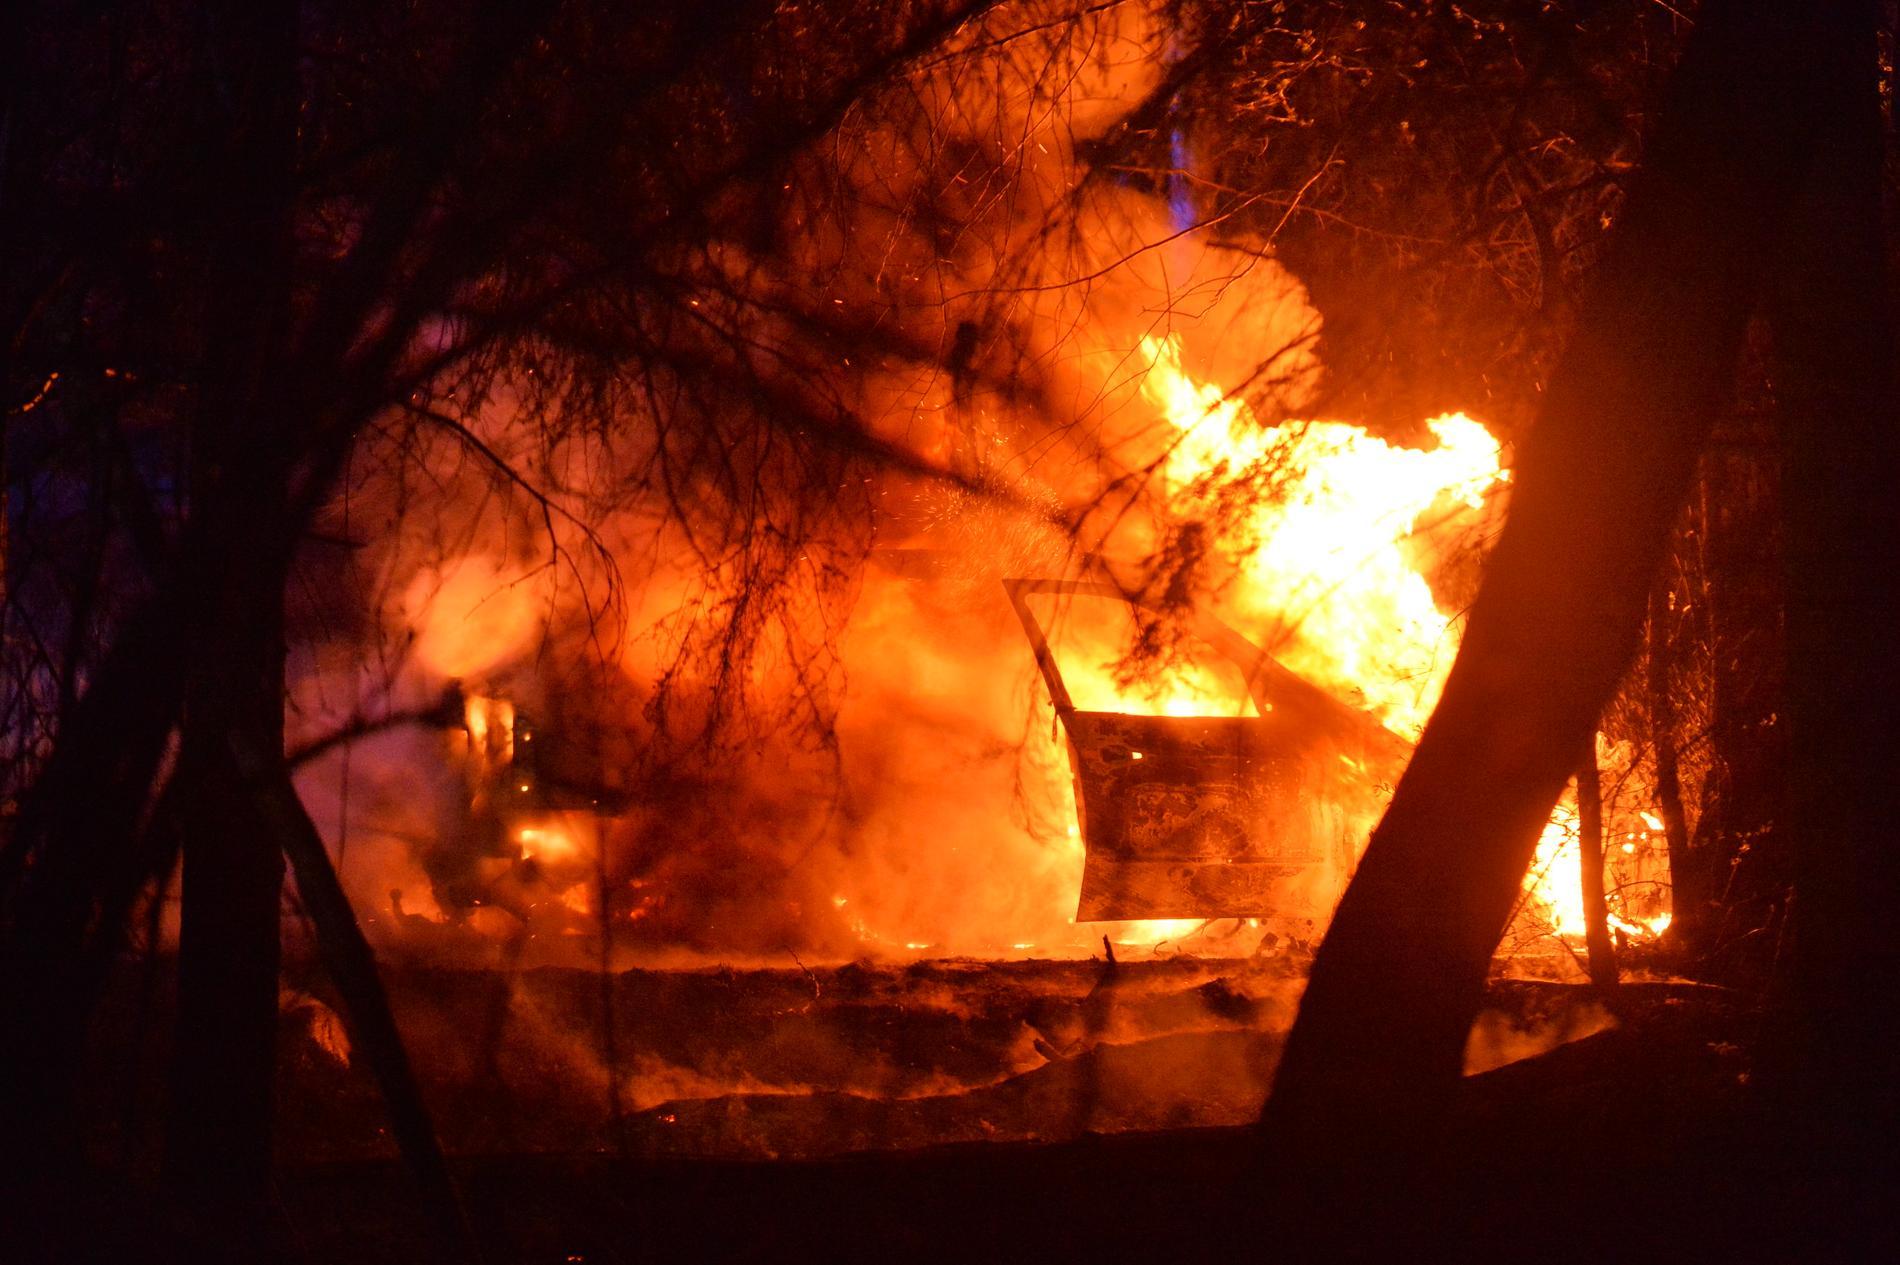 Den brinnande bilen, norr om Norrköping.